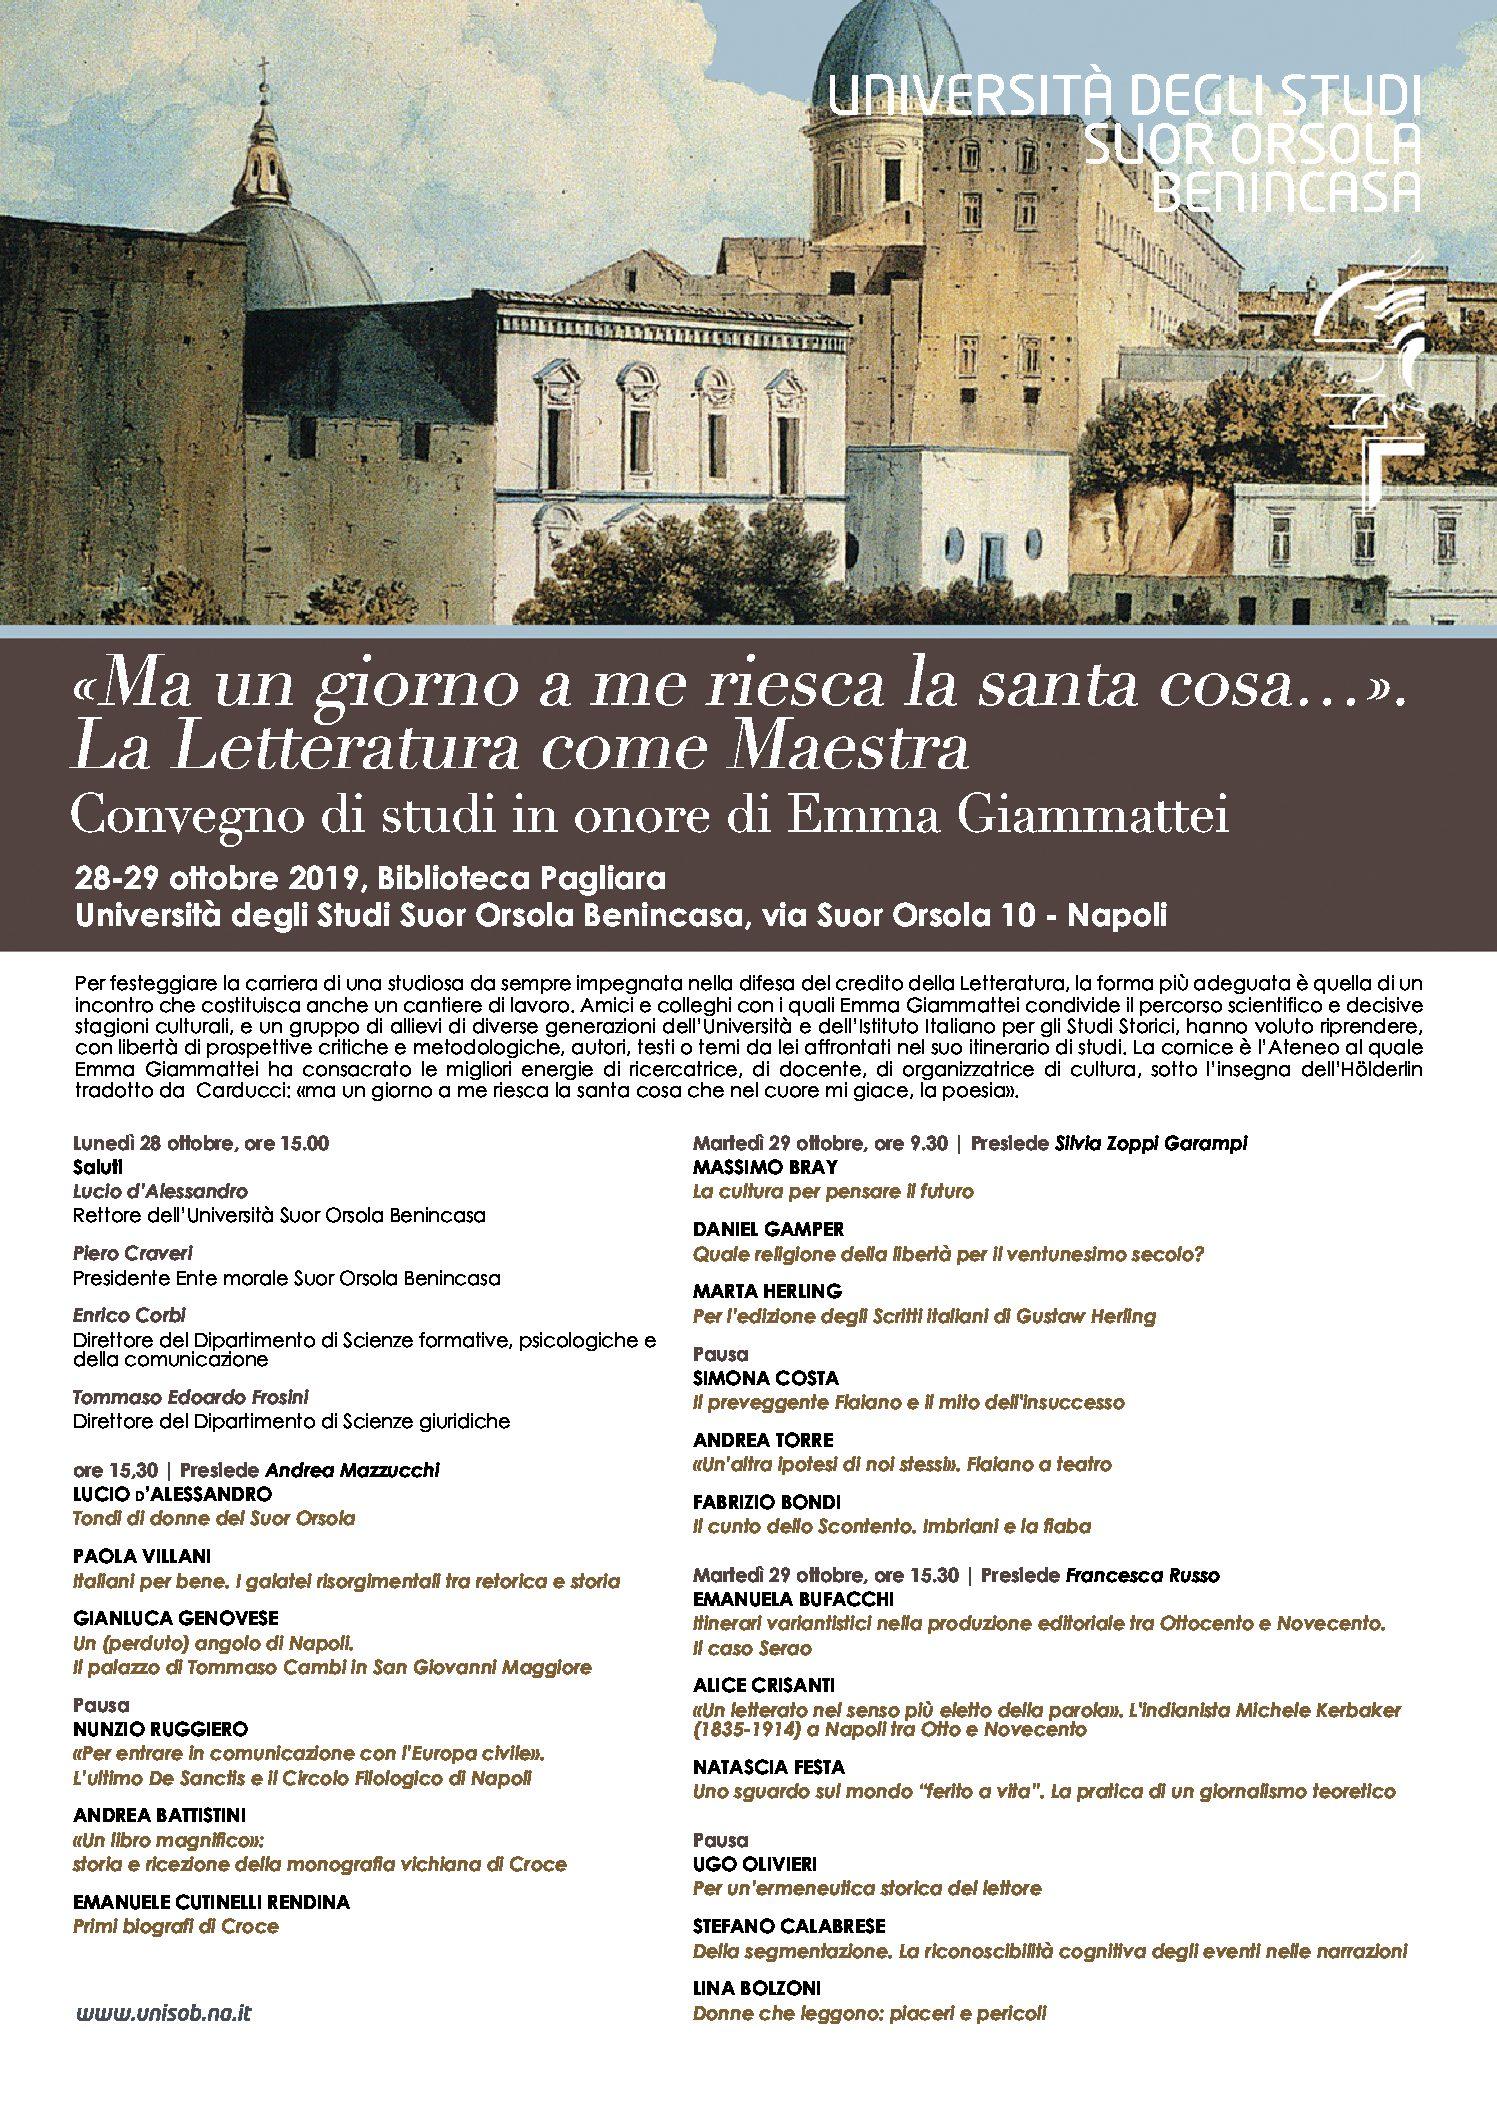 Convegno di studi in onore di Emma Giammattei – 28/29 ottobre 2019 – Università degli Studi Suor Orsola Benincasa